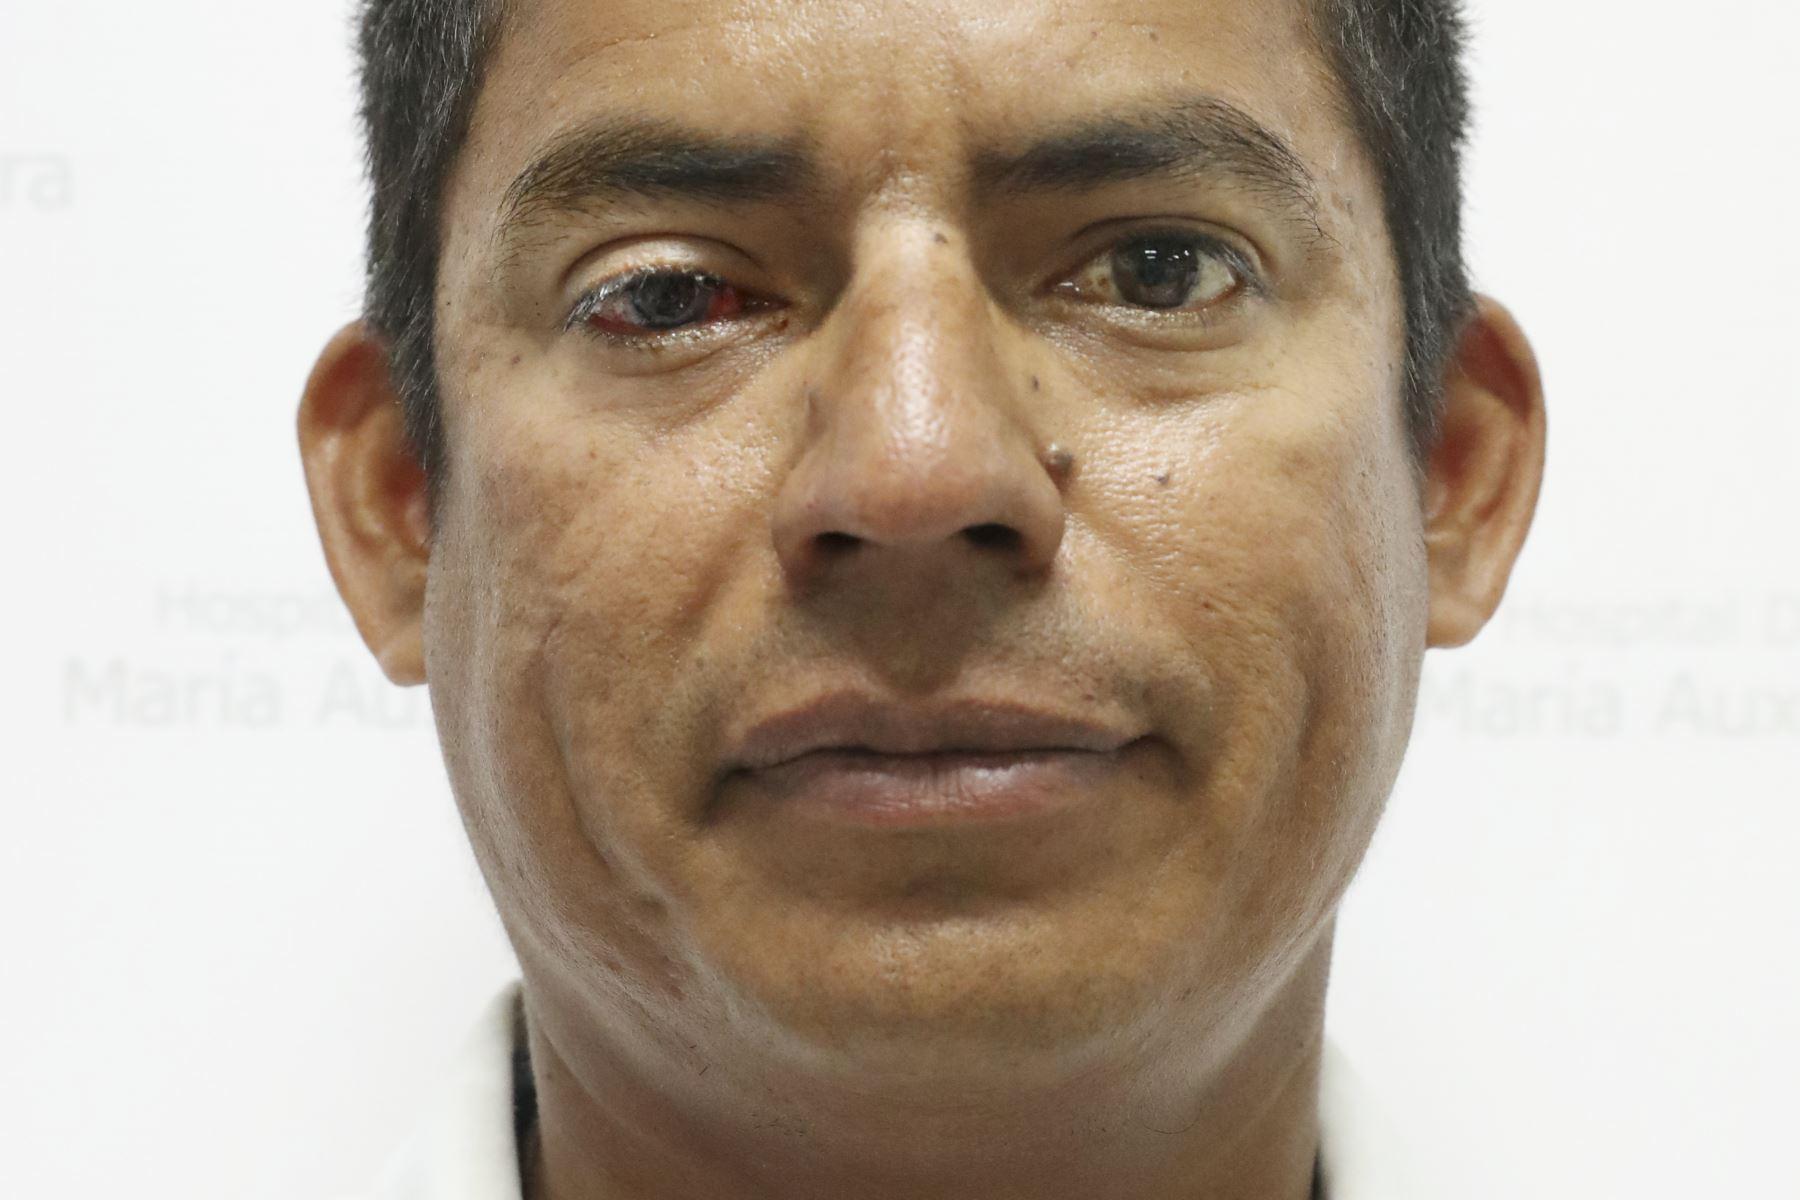 Christian Huayama Peña de 40 años, profesor, diagnosticado con leucoma por herpes, espero 4 años por su transplante. Foto: ANDINA/Melina Mejía